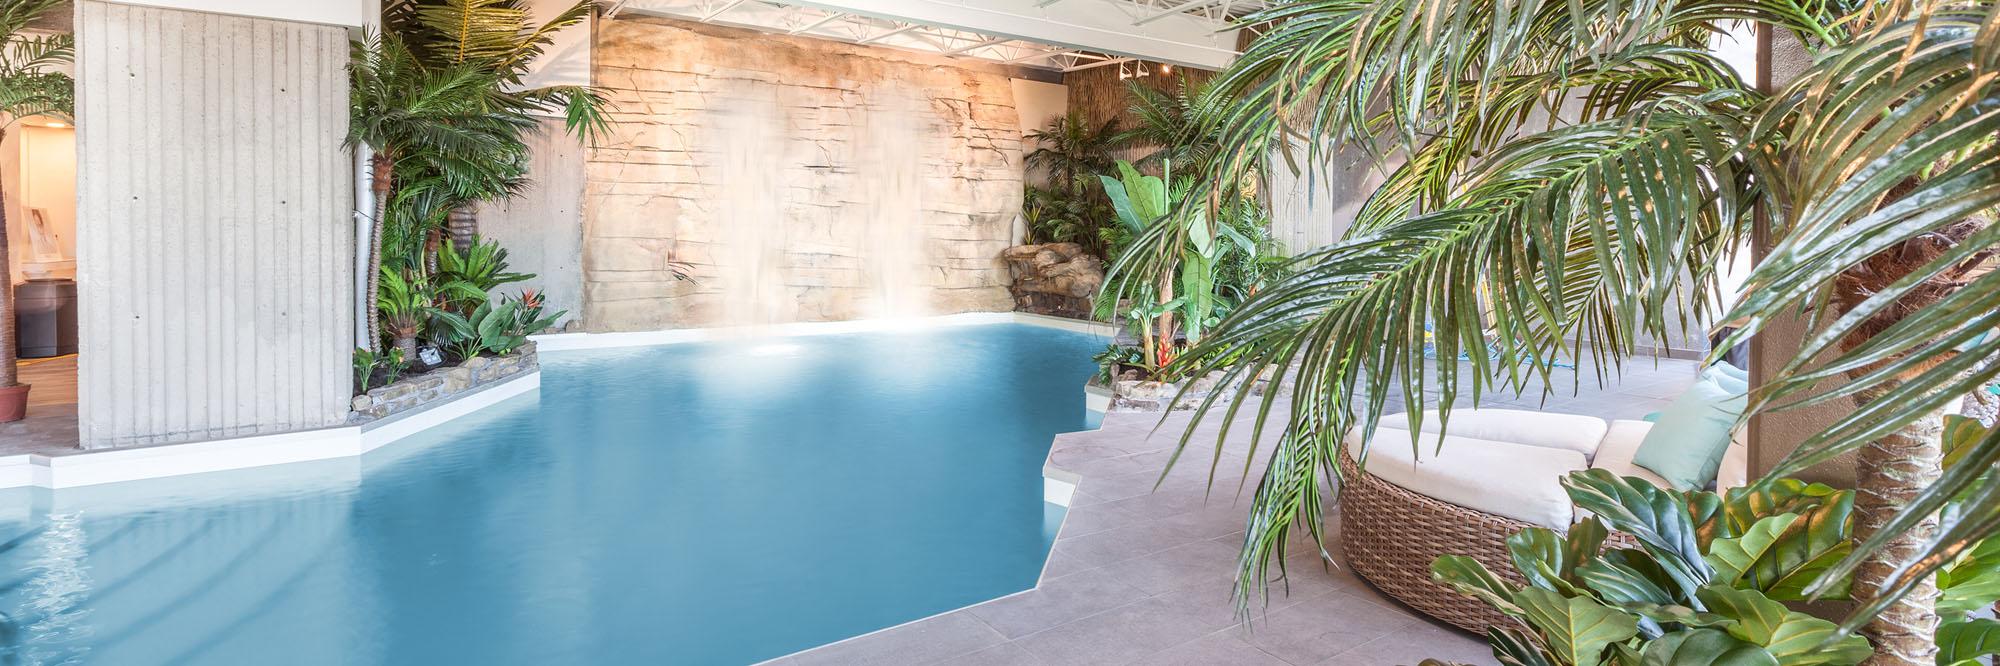 piscine, hôtel, spa